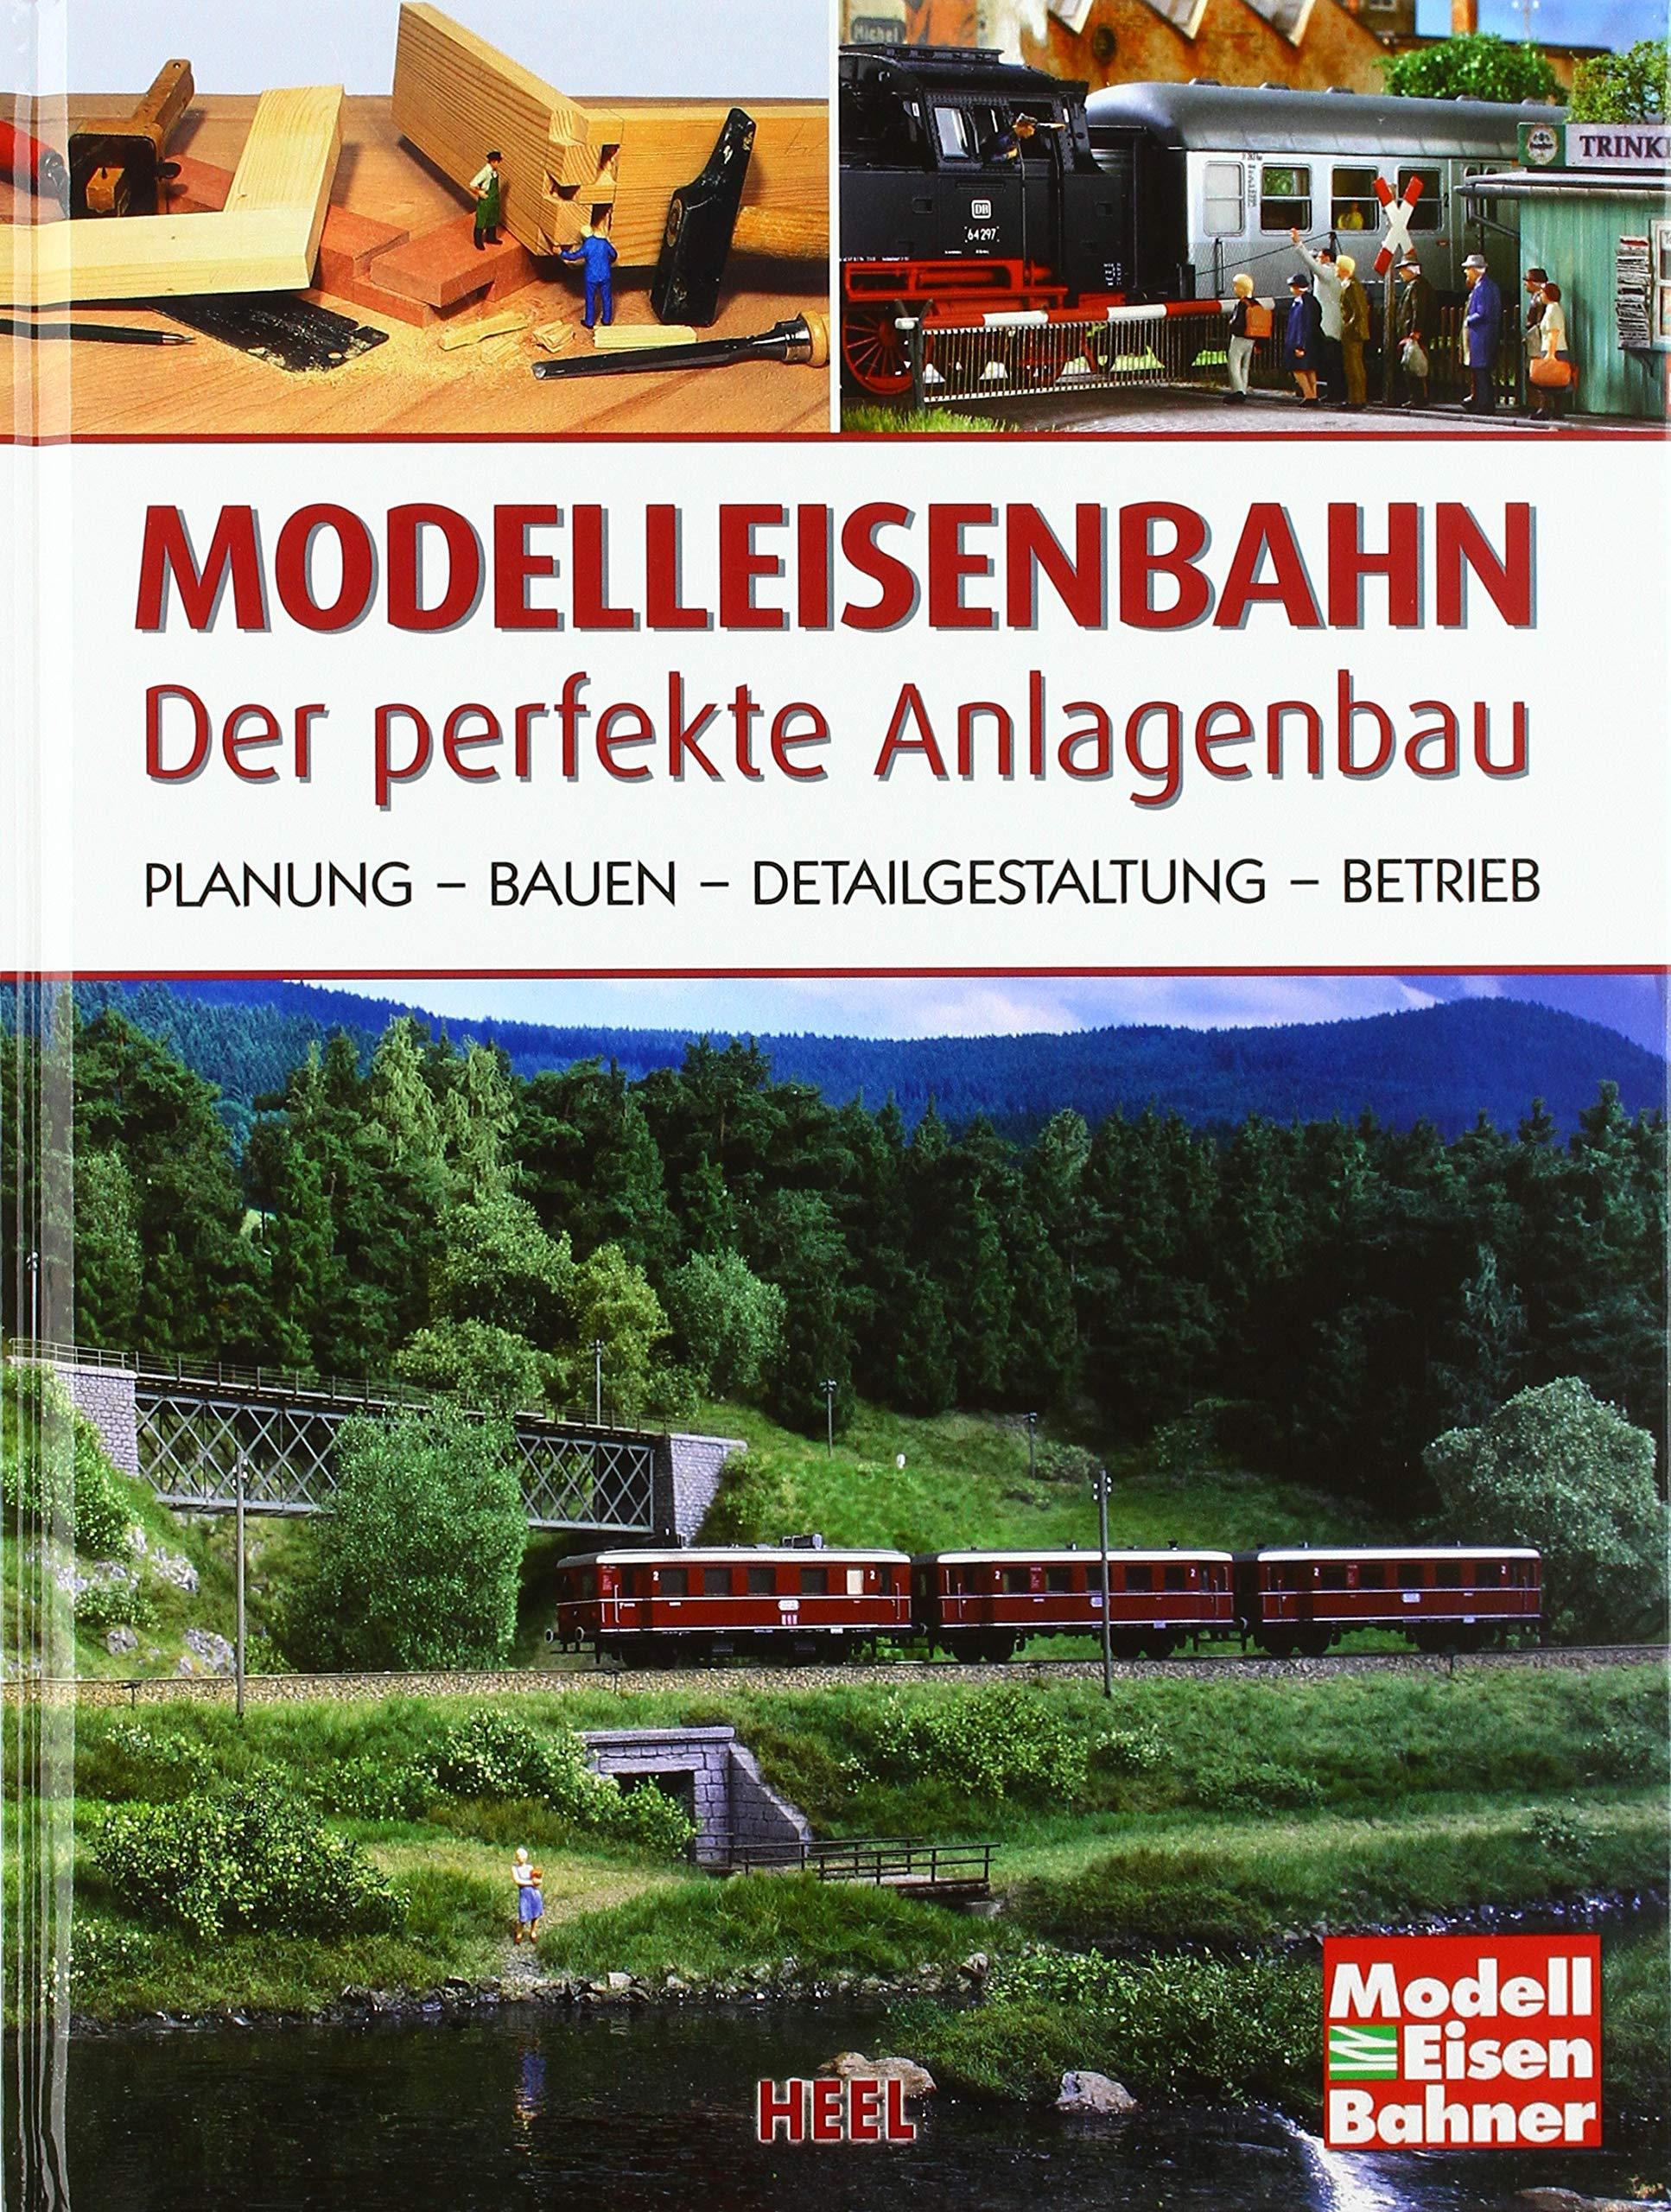 NEU Fachbuch Erste Hilfe Modellbahn Digital Planung Bau Betrieb neue Tipps